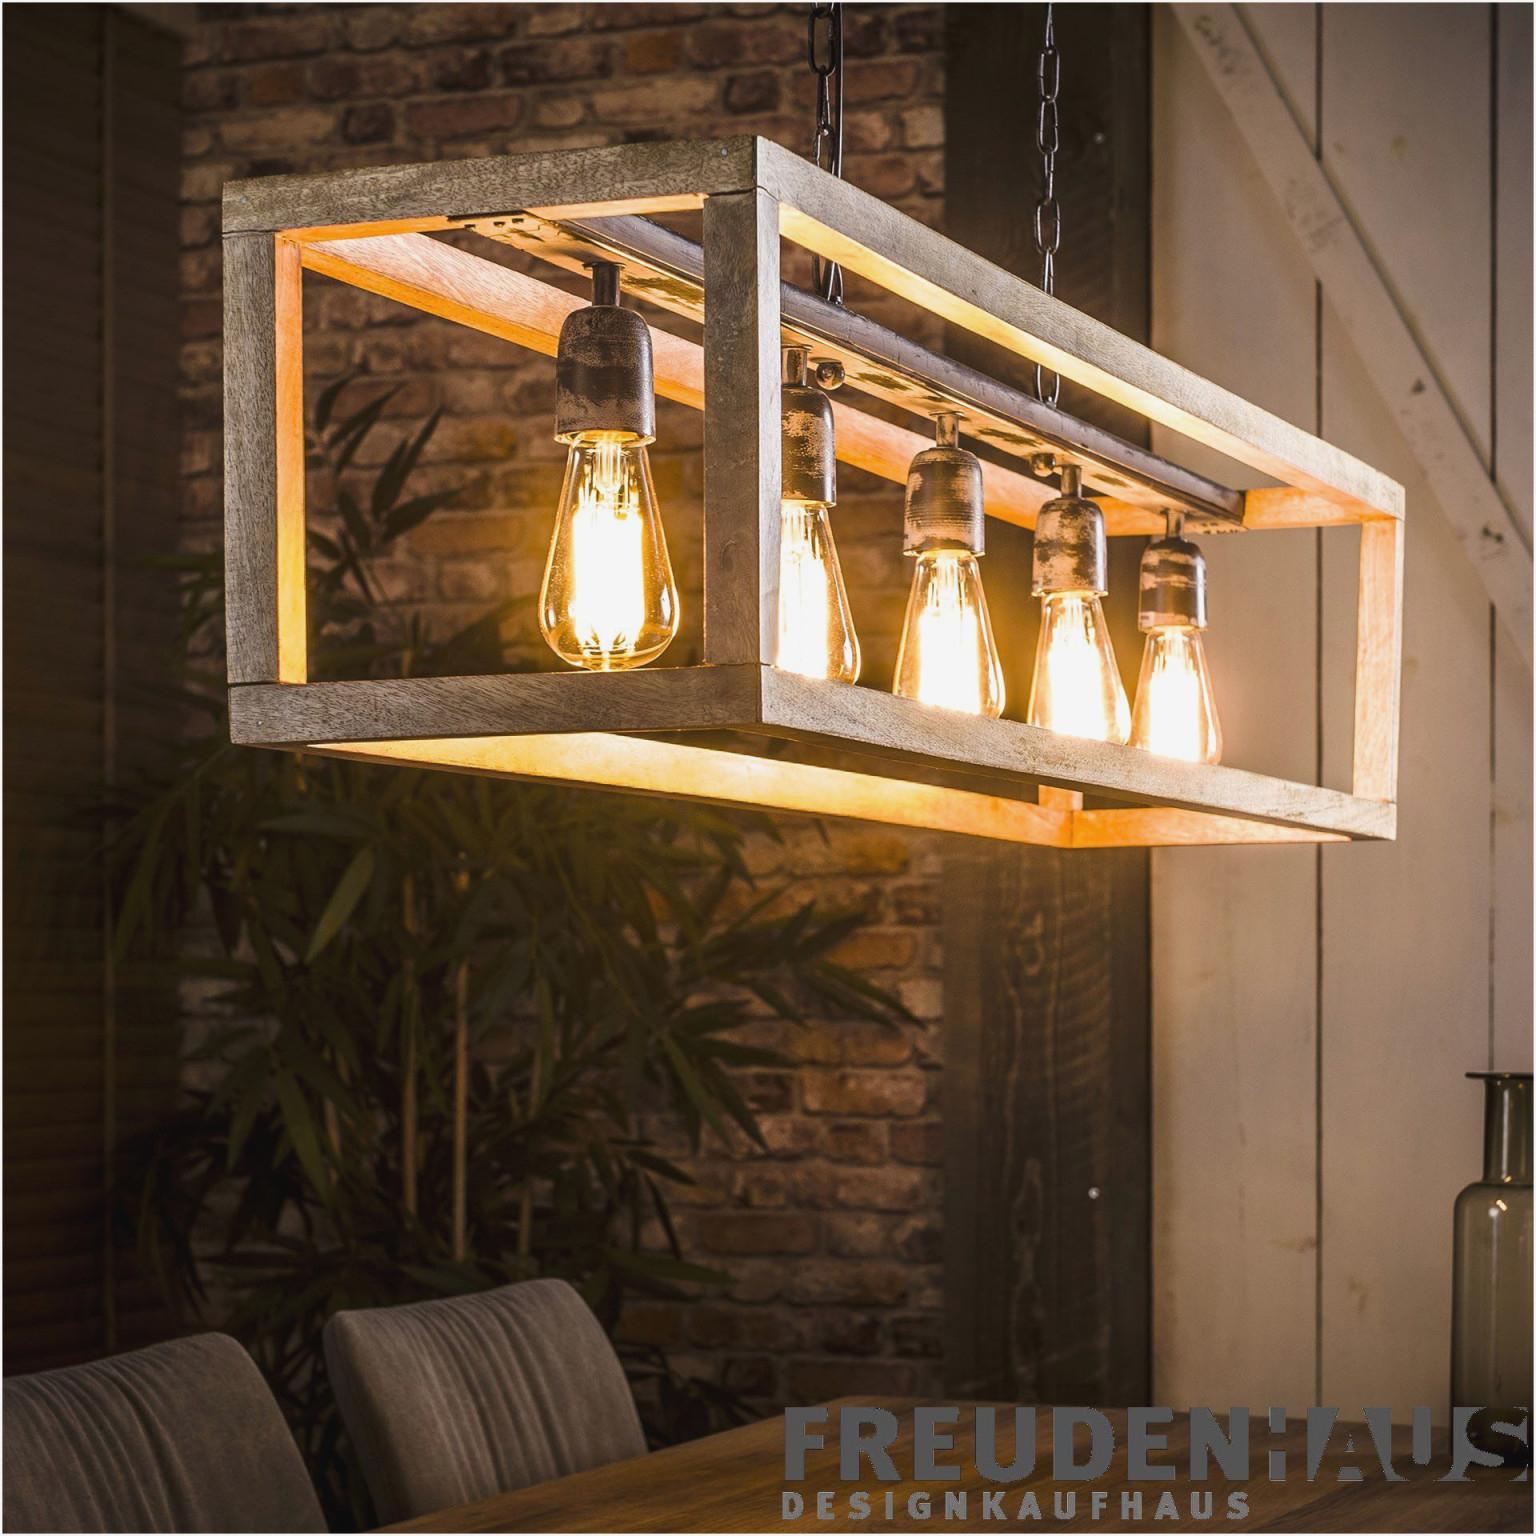 Holz Rustikal Lampe Wohnzimmer  Wohnzimmer  Traumhaus von Wohnzimmer Lampe Holz Bild